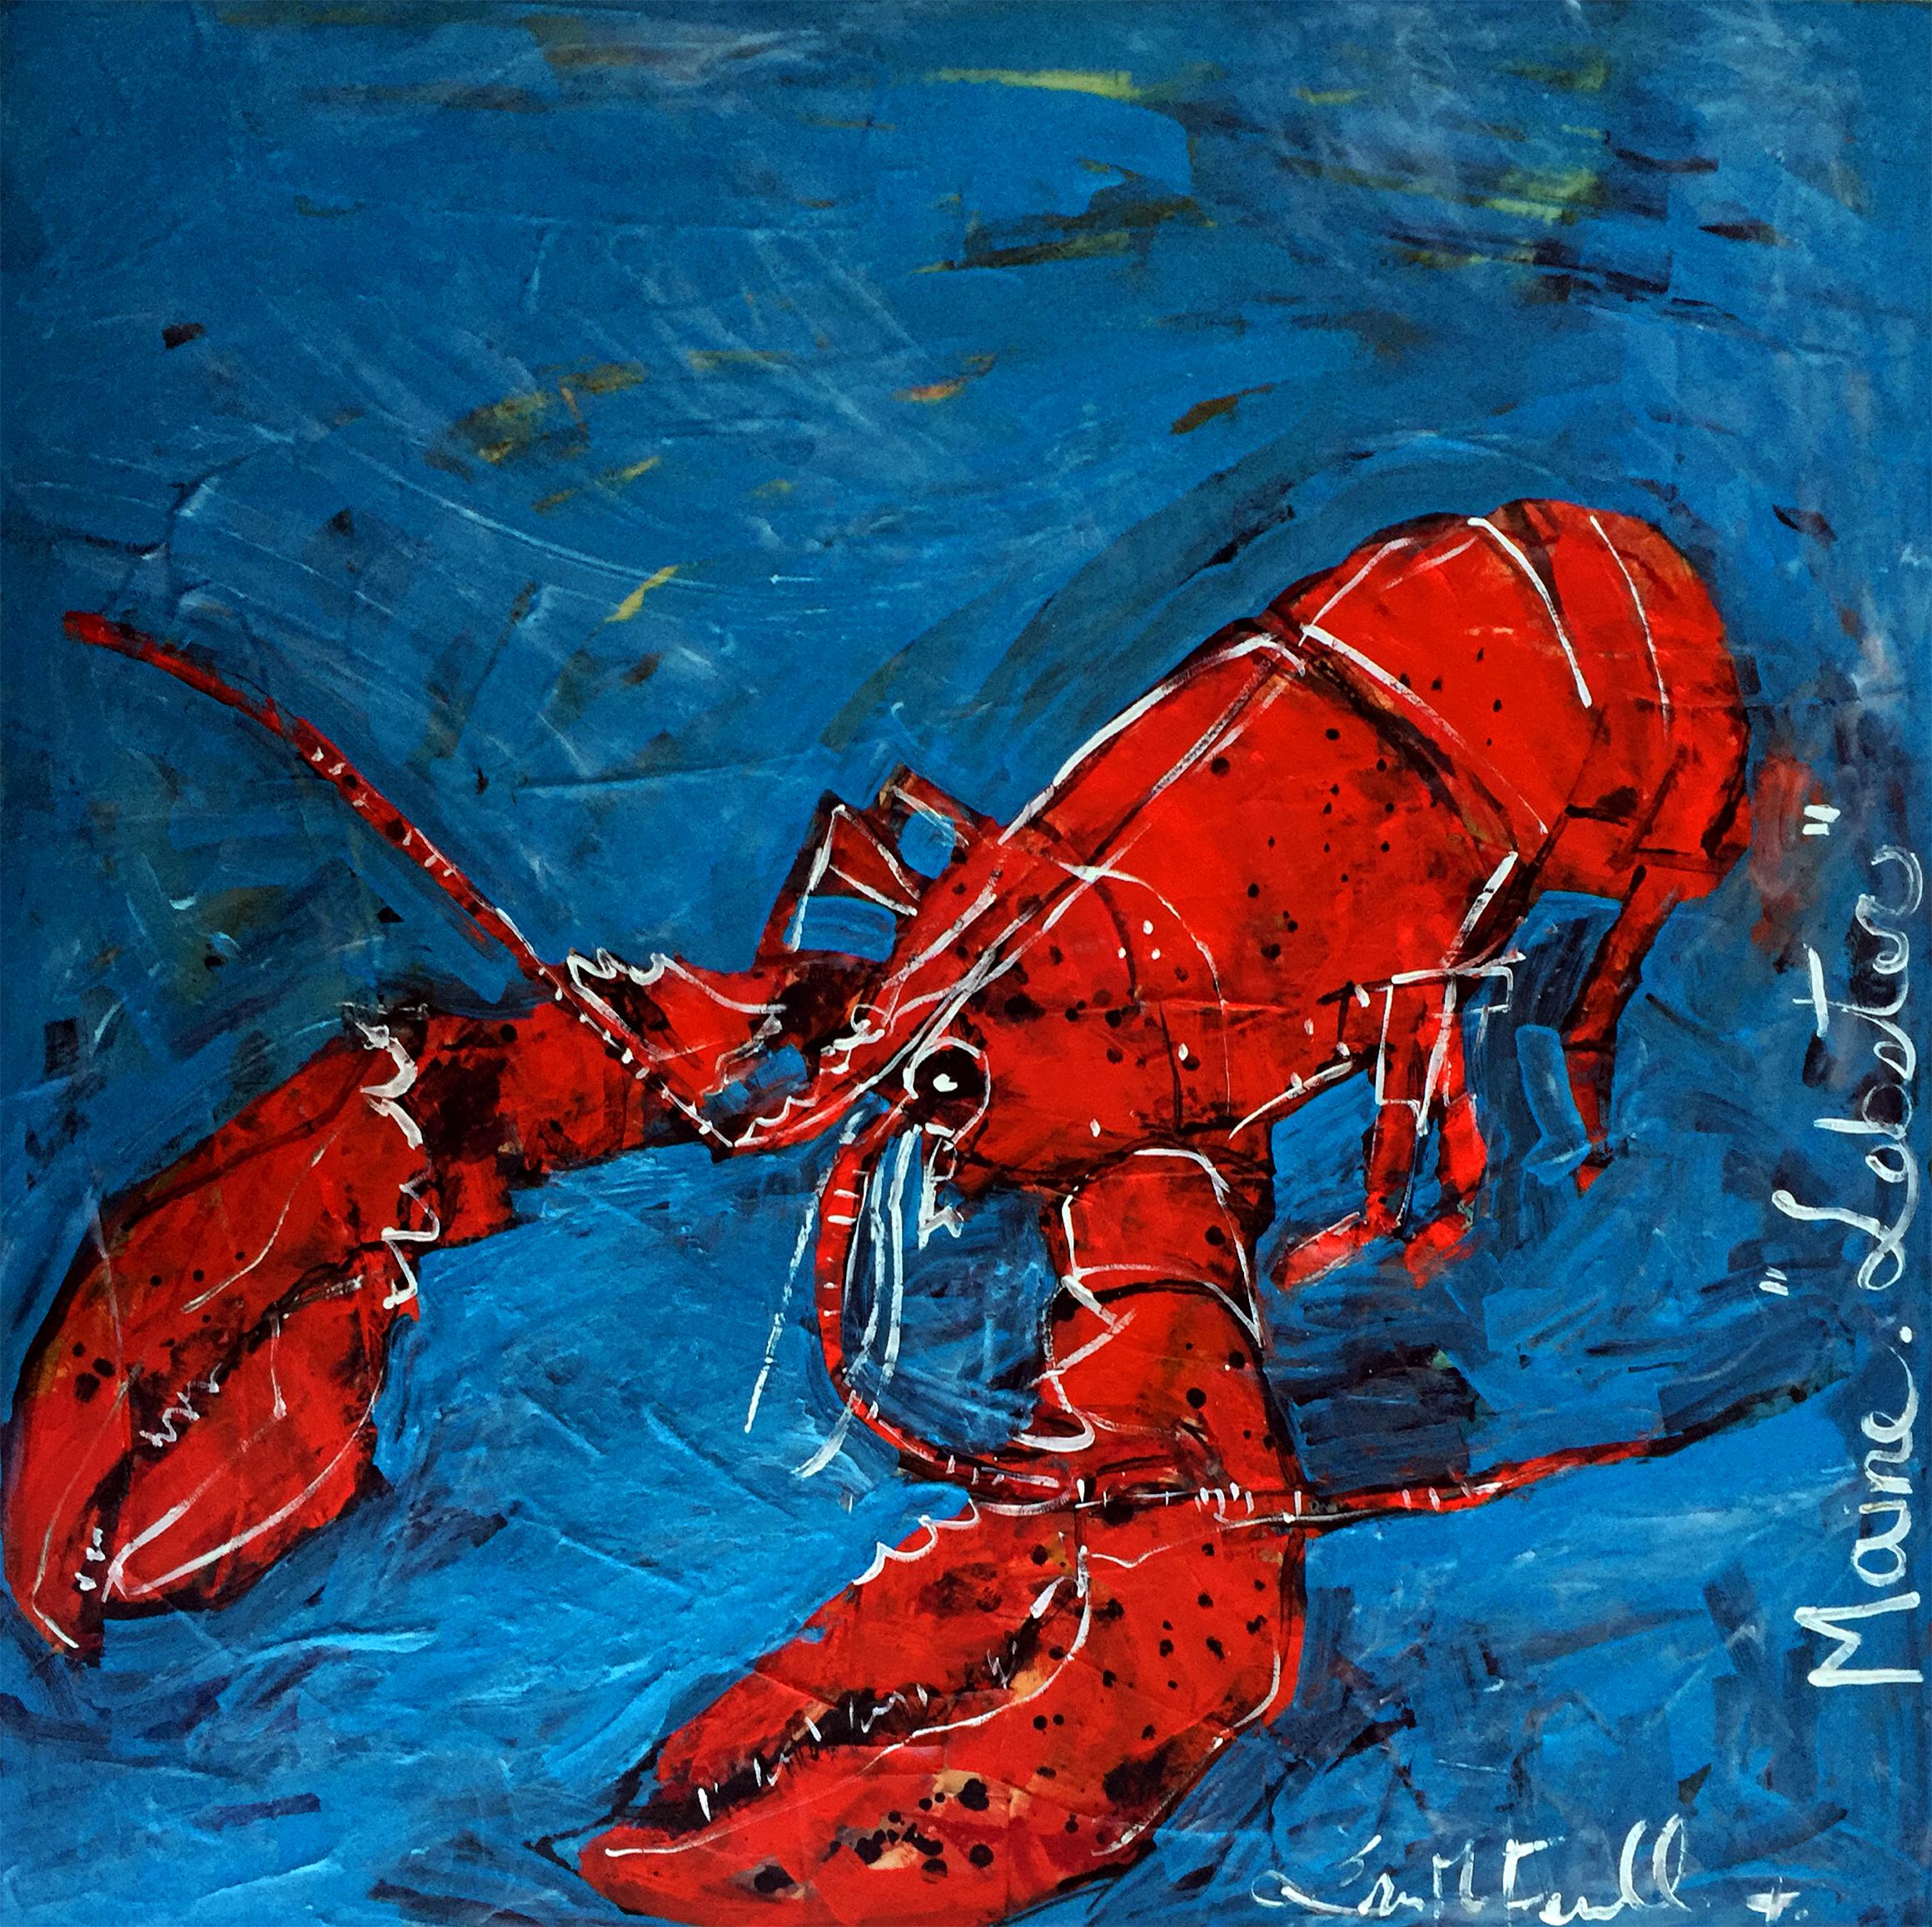 Lobster3med2200.jpg